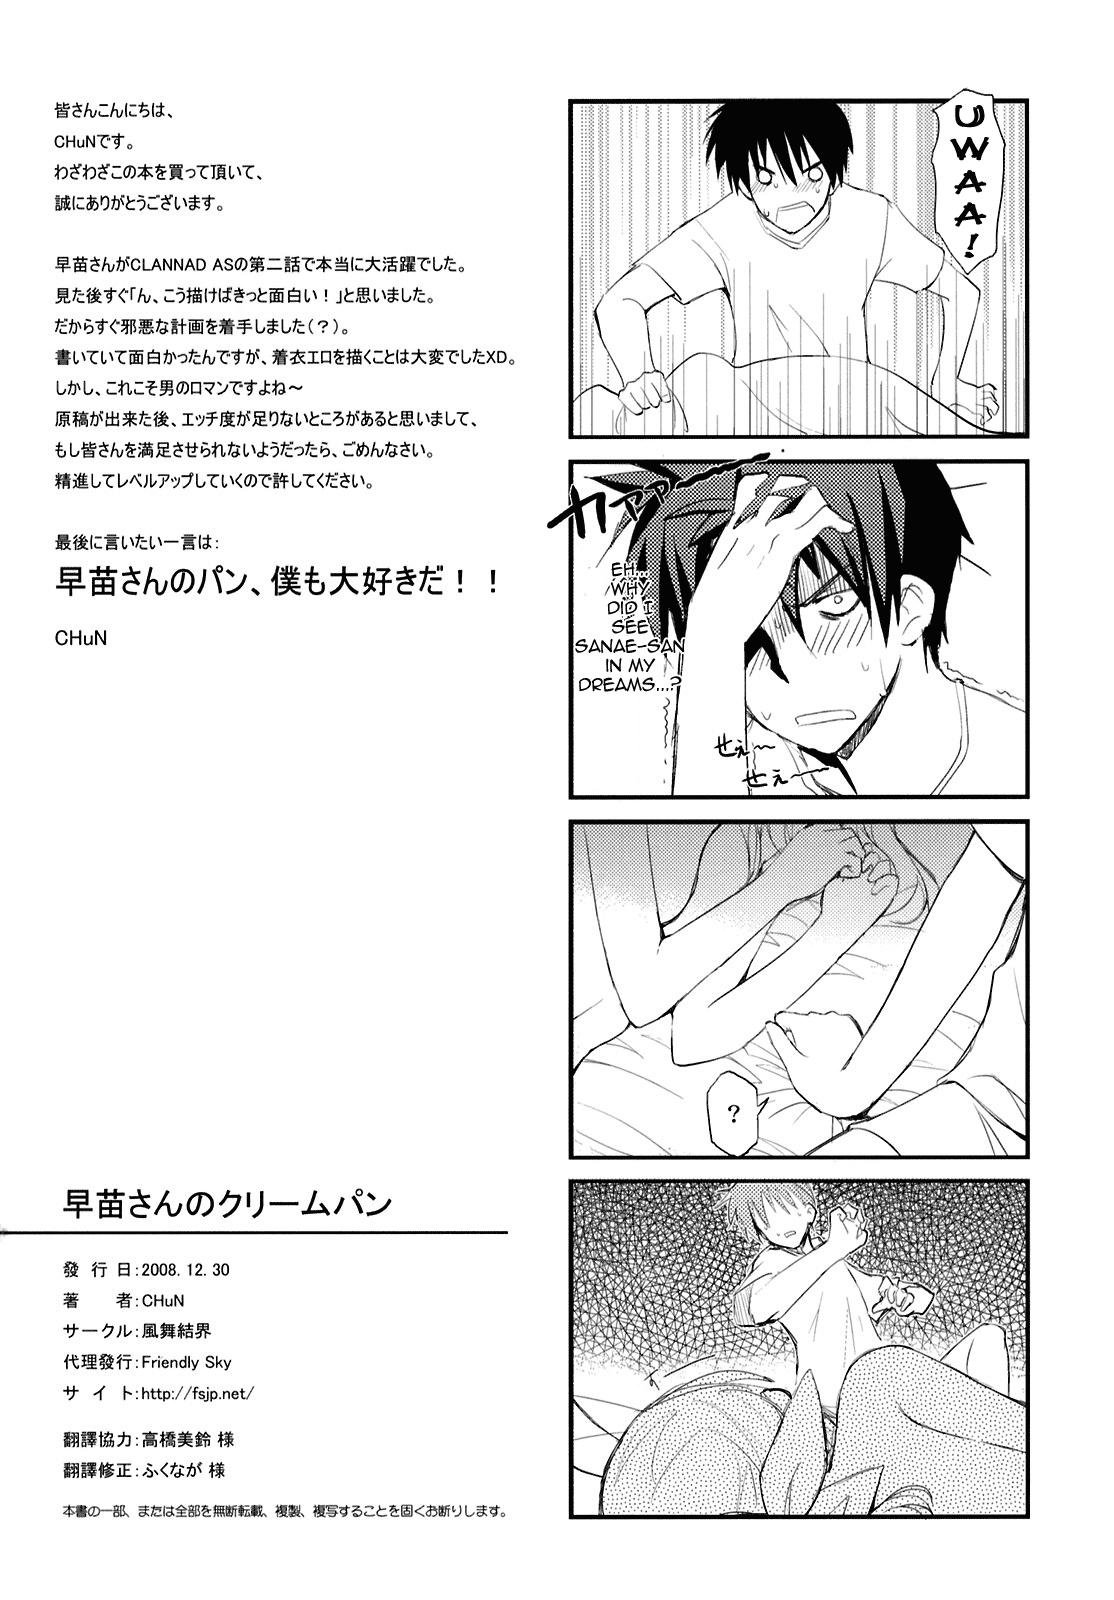 (C75) [Fuuma Kekkai, Friendly Sky (CHuN)] Sanae-san no Cream Pan    Sanae-san's Cream Bread (Clannad) [English] =Nashrakh+Torn= 24